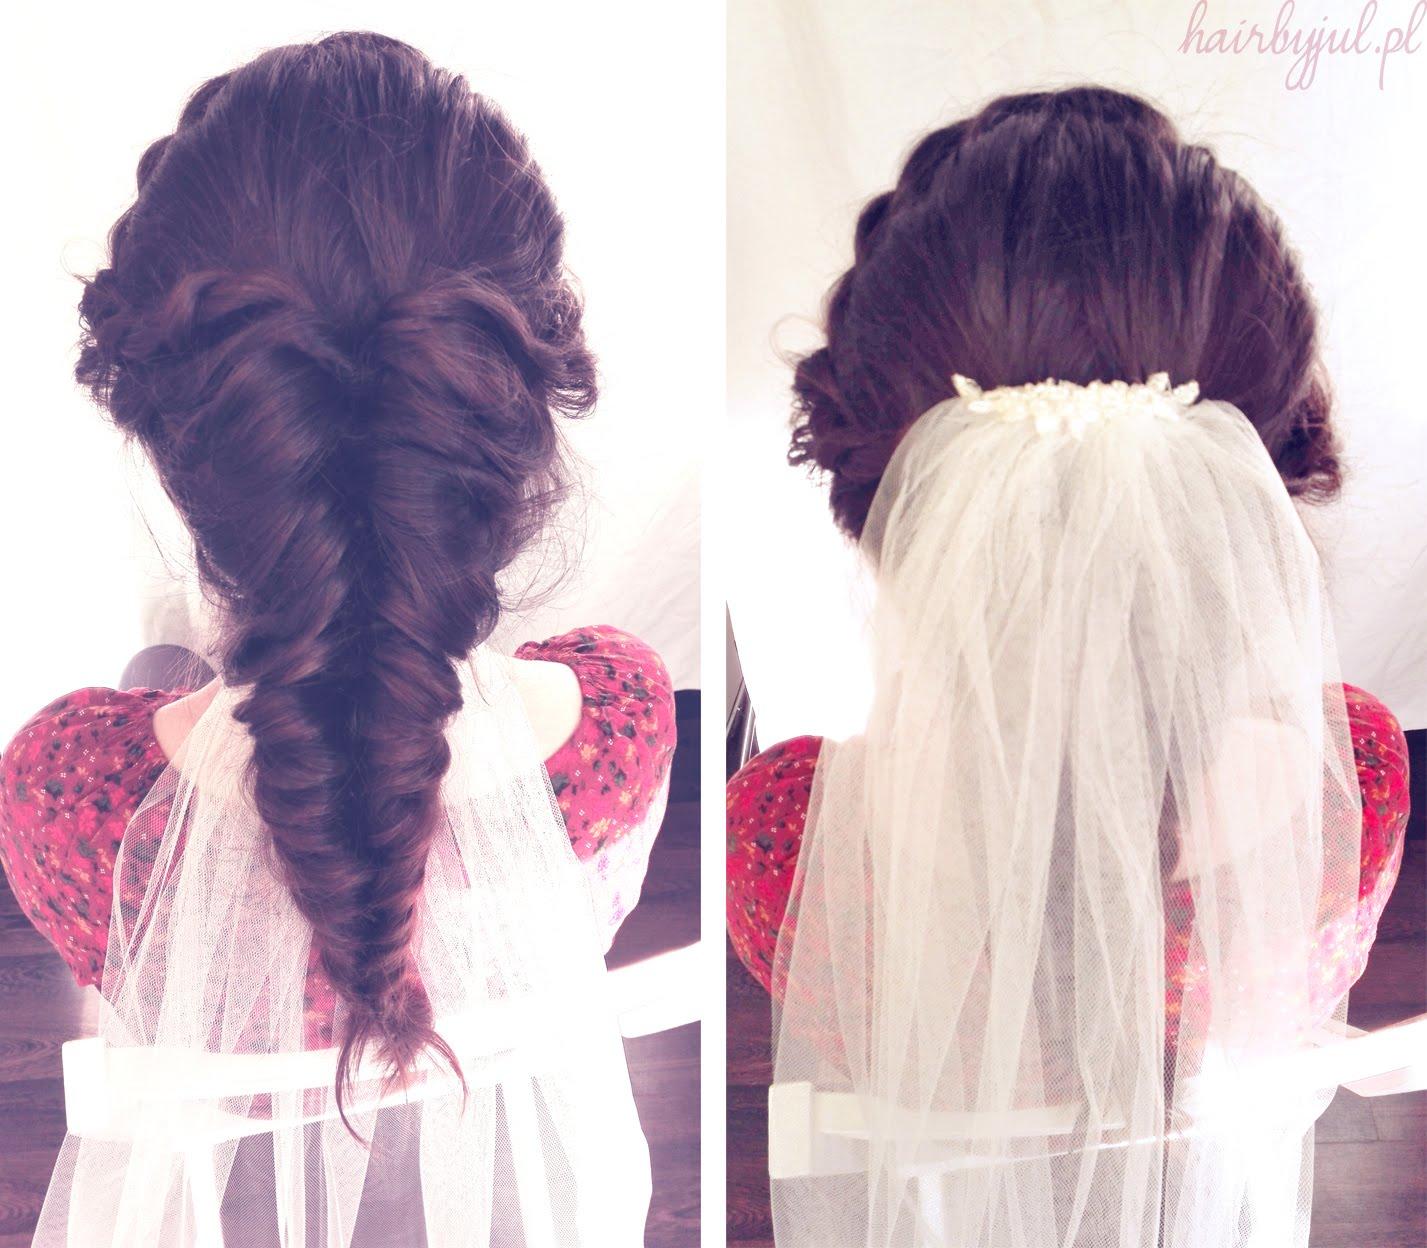 Romantyczne Fryzury ślubne Upięcia Dużo Zdjęć Hair By